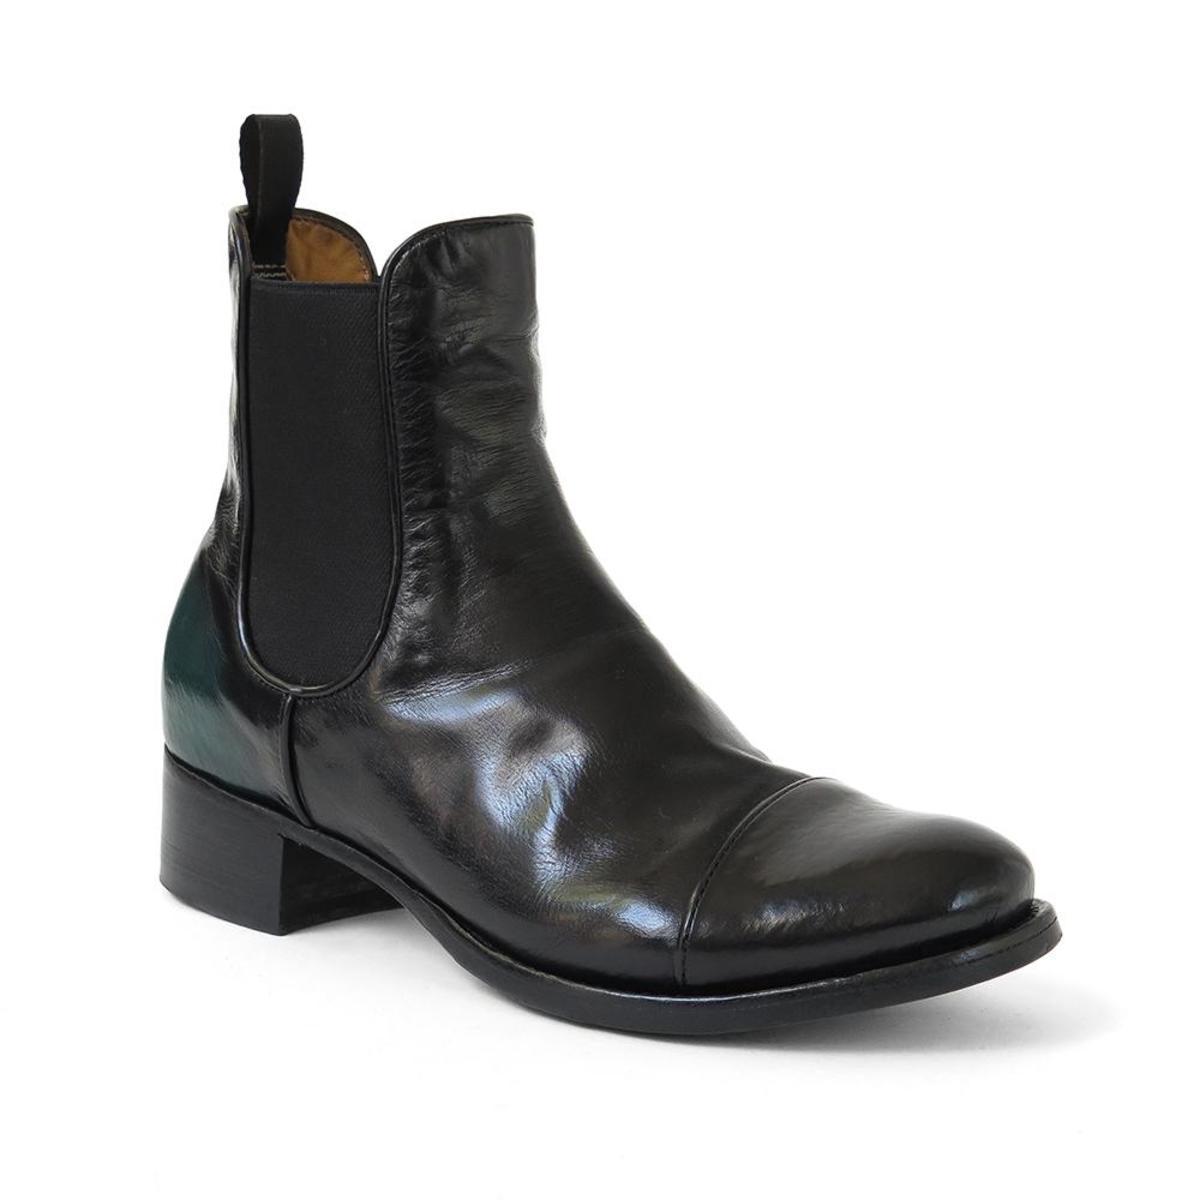 buy online 3983c 8f610 officine-creative-doillon-boot-20171011205823.jpg